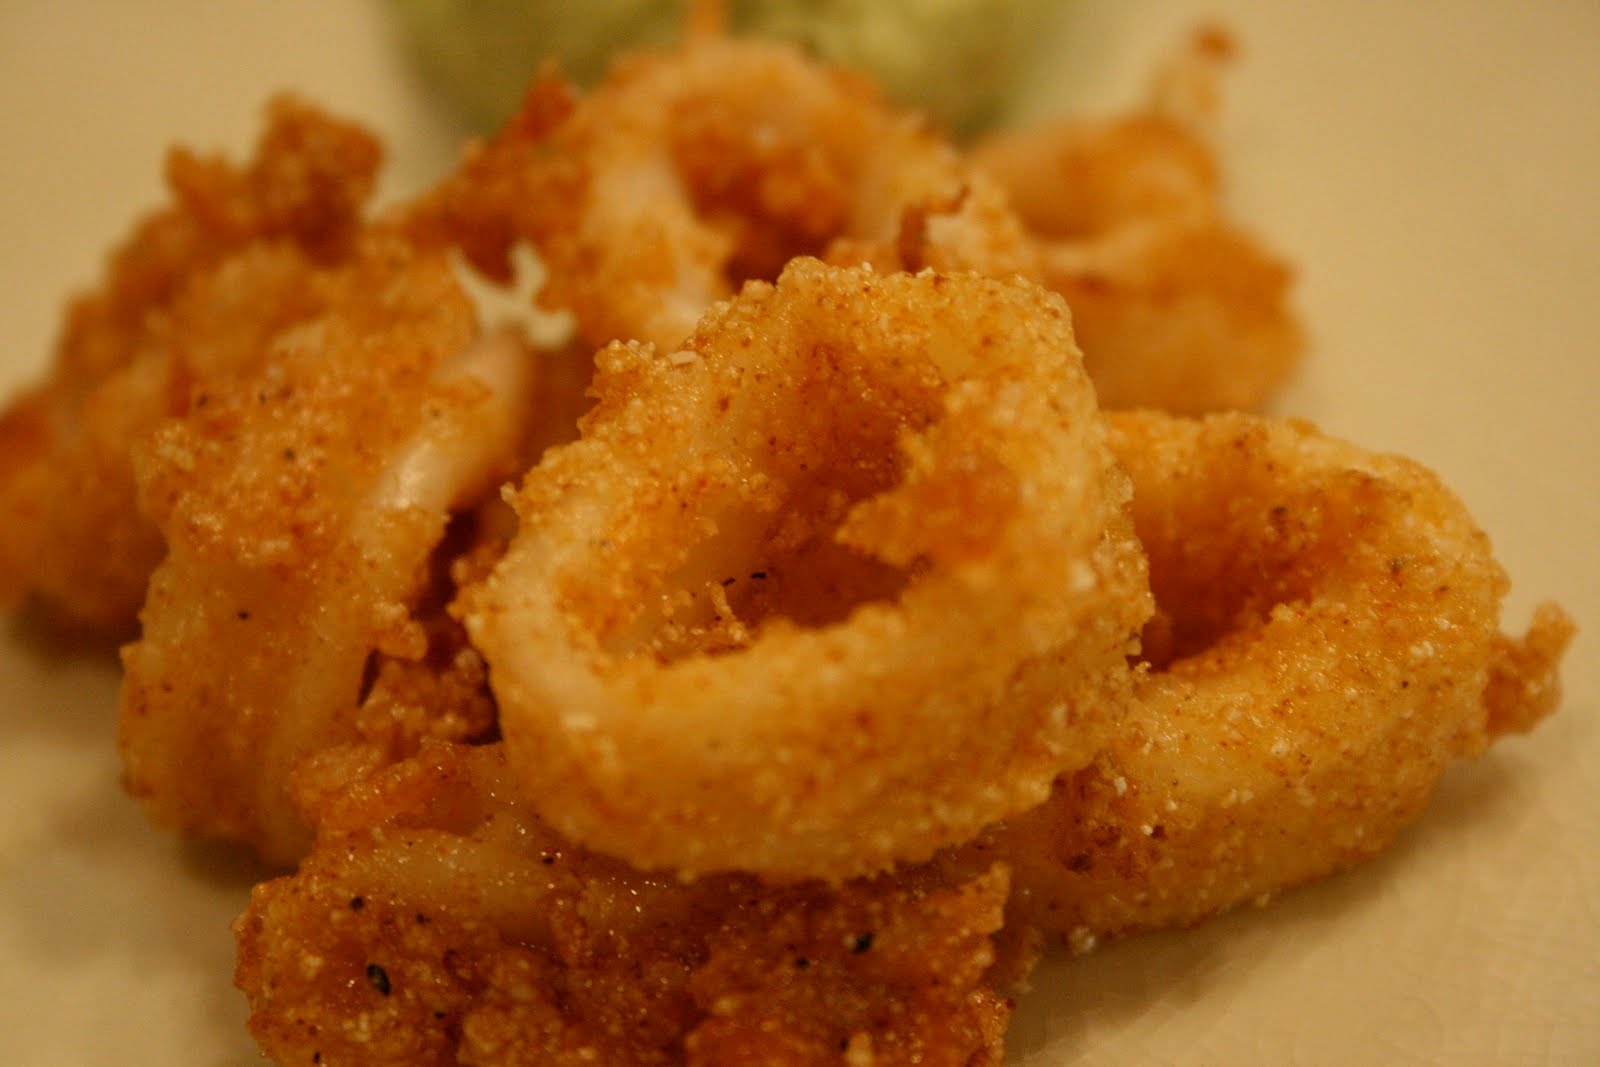 Calamari Bites